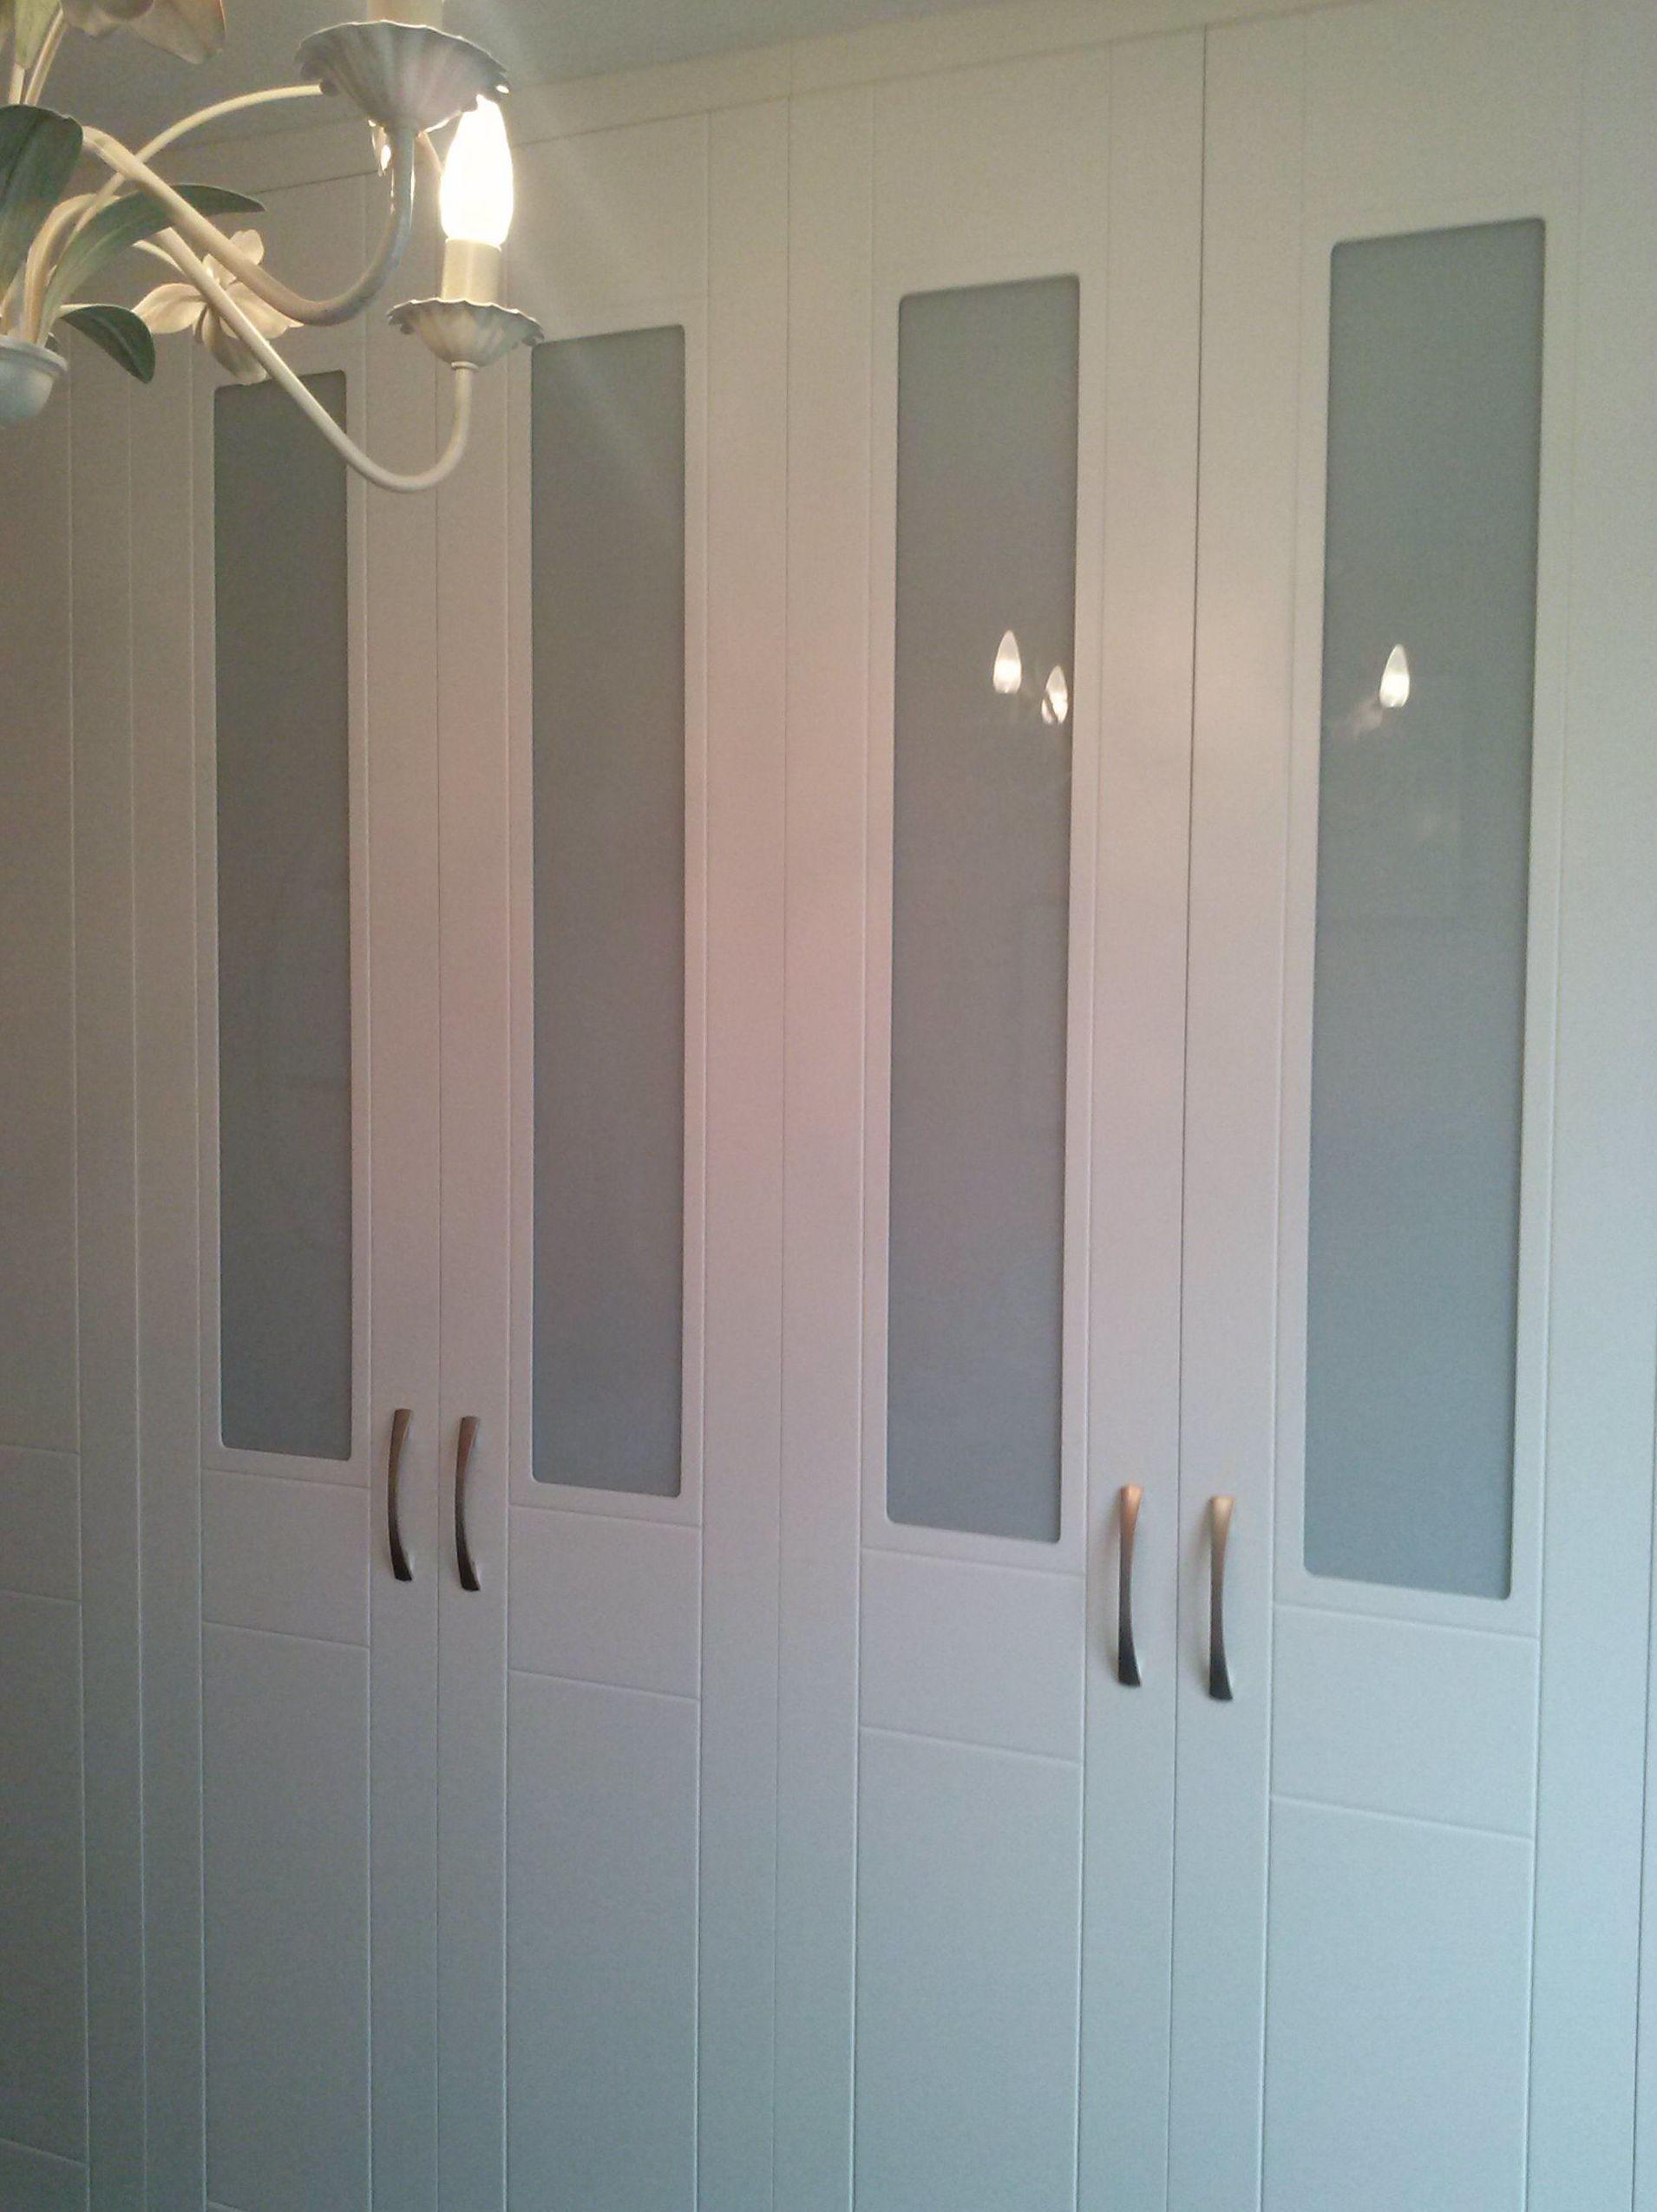 Armario empotrado blanco y gris con puertas abatibles - Armarios con puertas abatibles ...